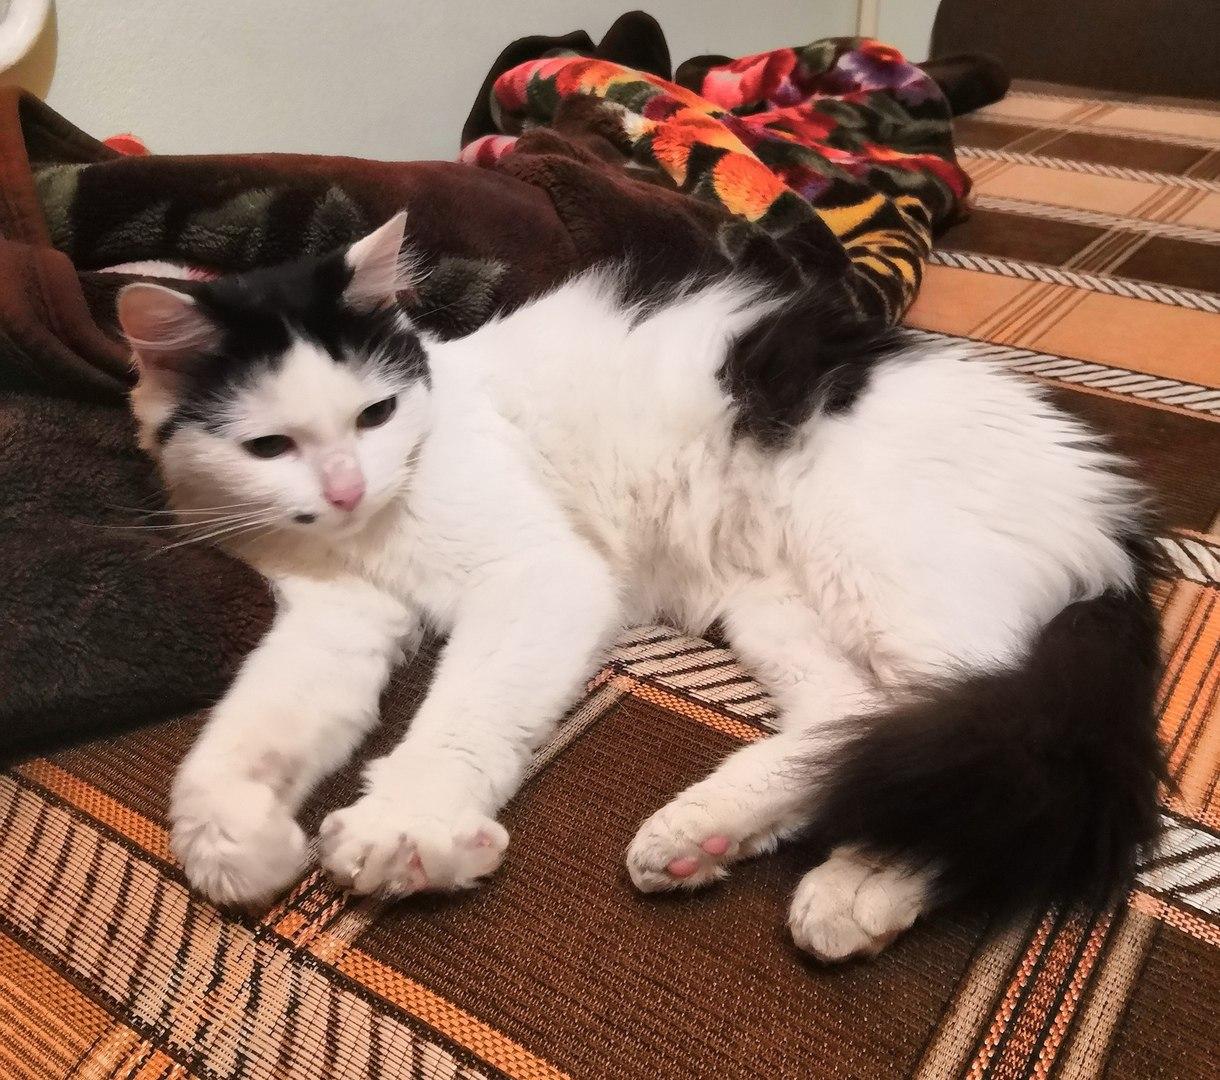 Кошка-путешественница: домашний питомец из Савеловского был найден у офиса Mail.Ru